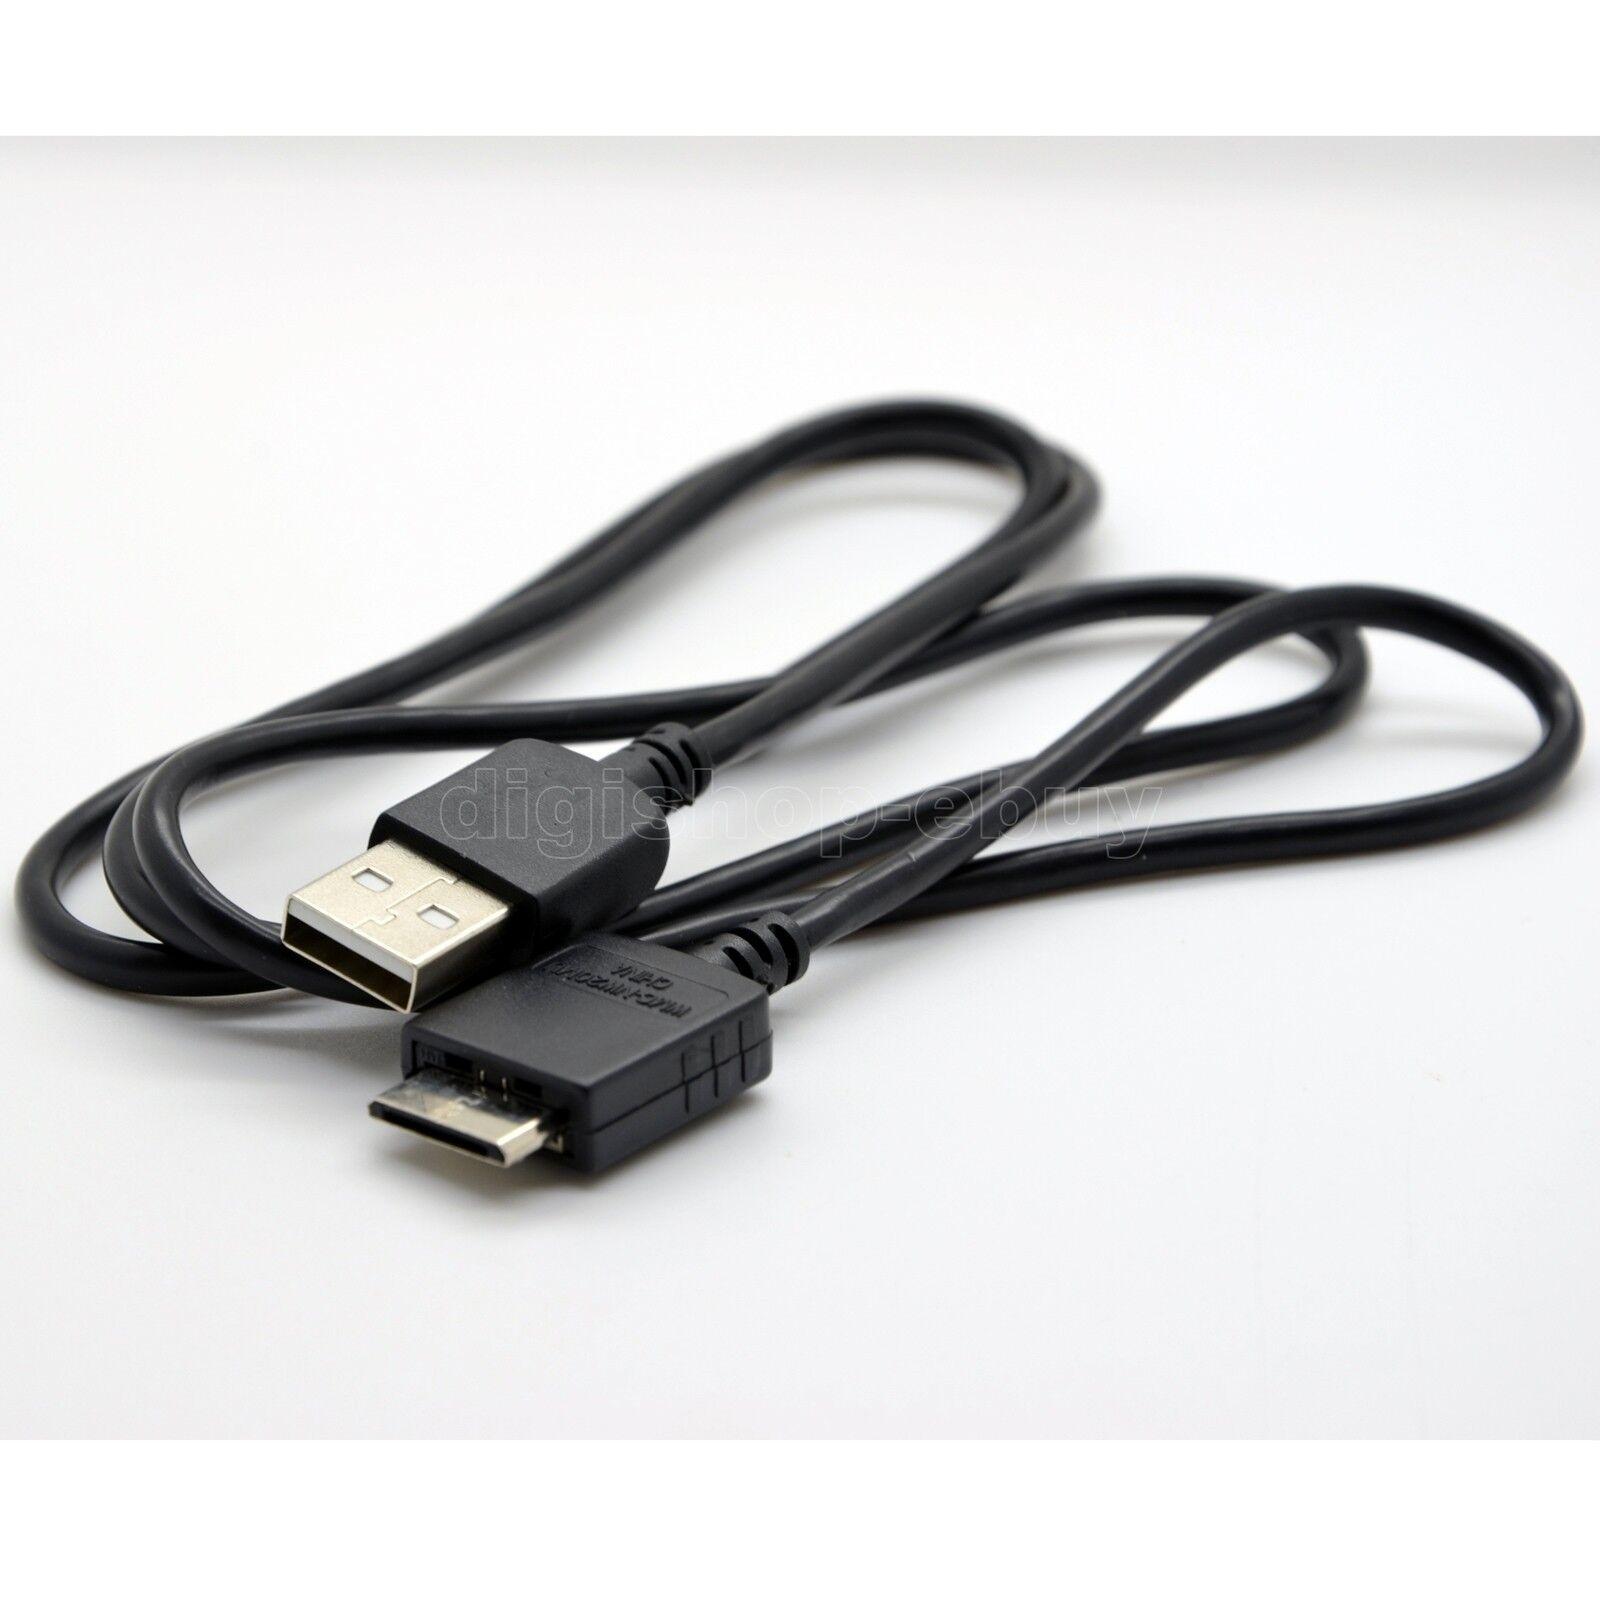 Cable de datos USB cable de carga para Sony NWZ-S618/F NWZ-S636/F NWZ-S638/F NWZ-S639/F